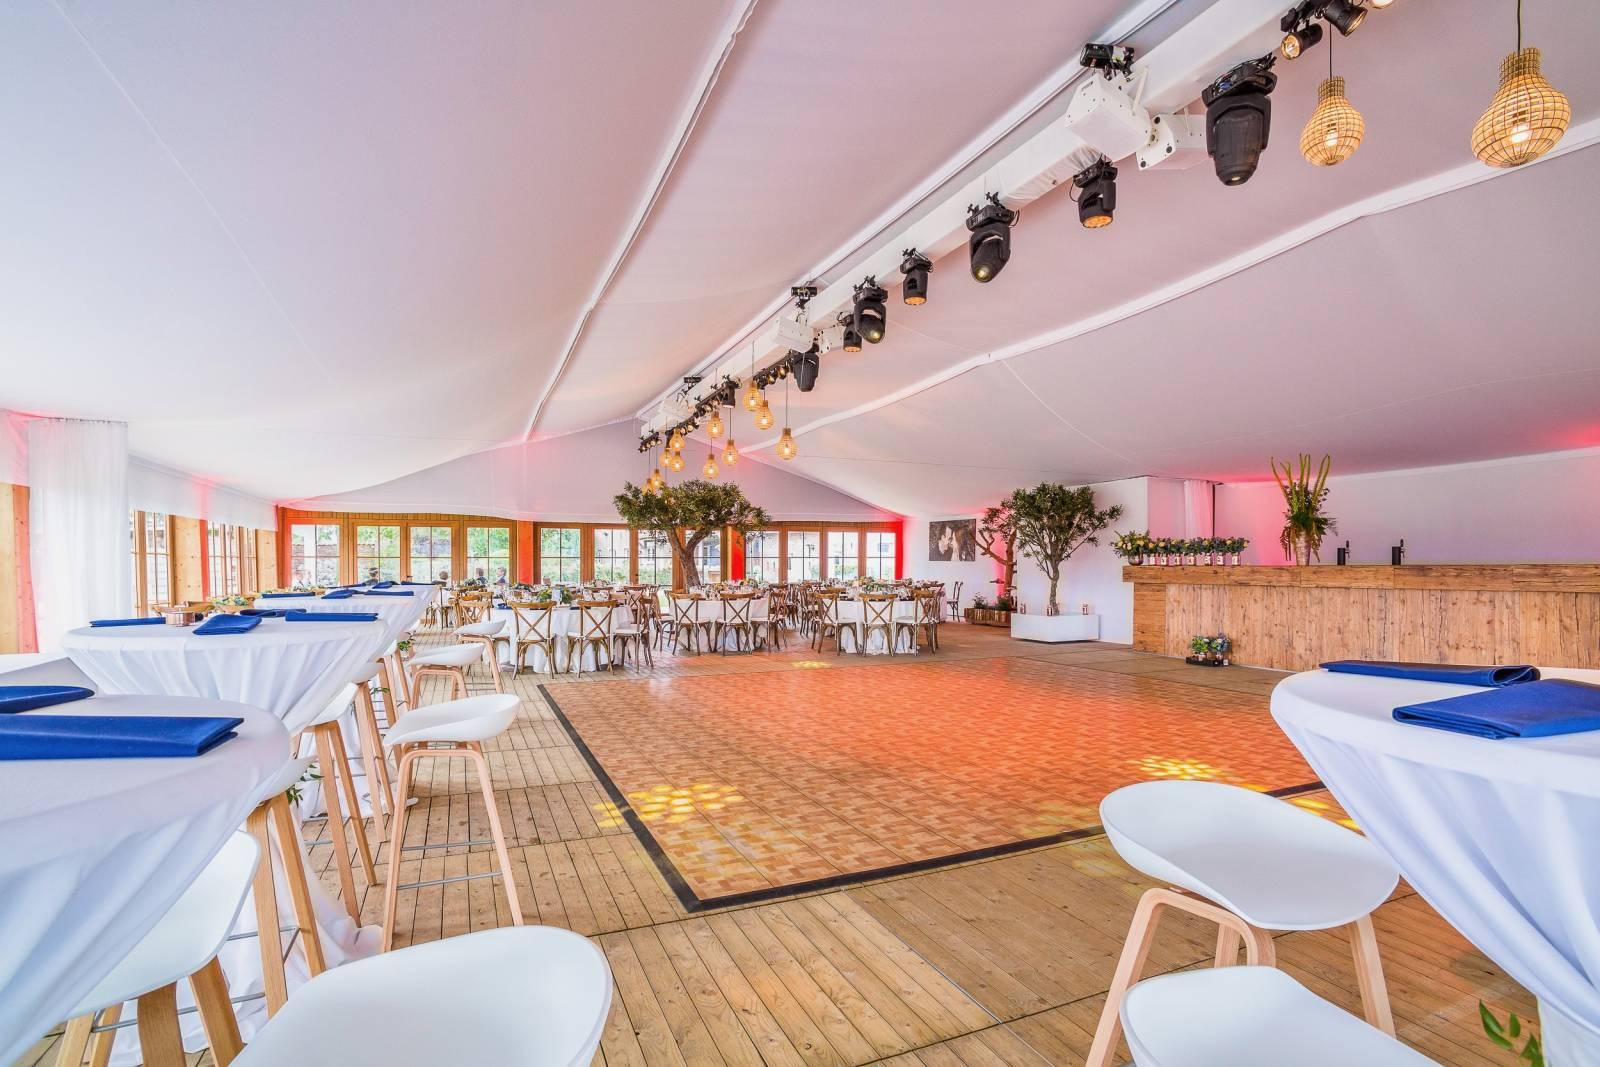 Tentmoment - Feesttent - Tent Event - Verhuur Tenten - Fotograaf Jurgen De Witte - House of Events - 8